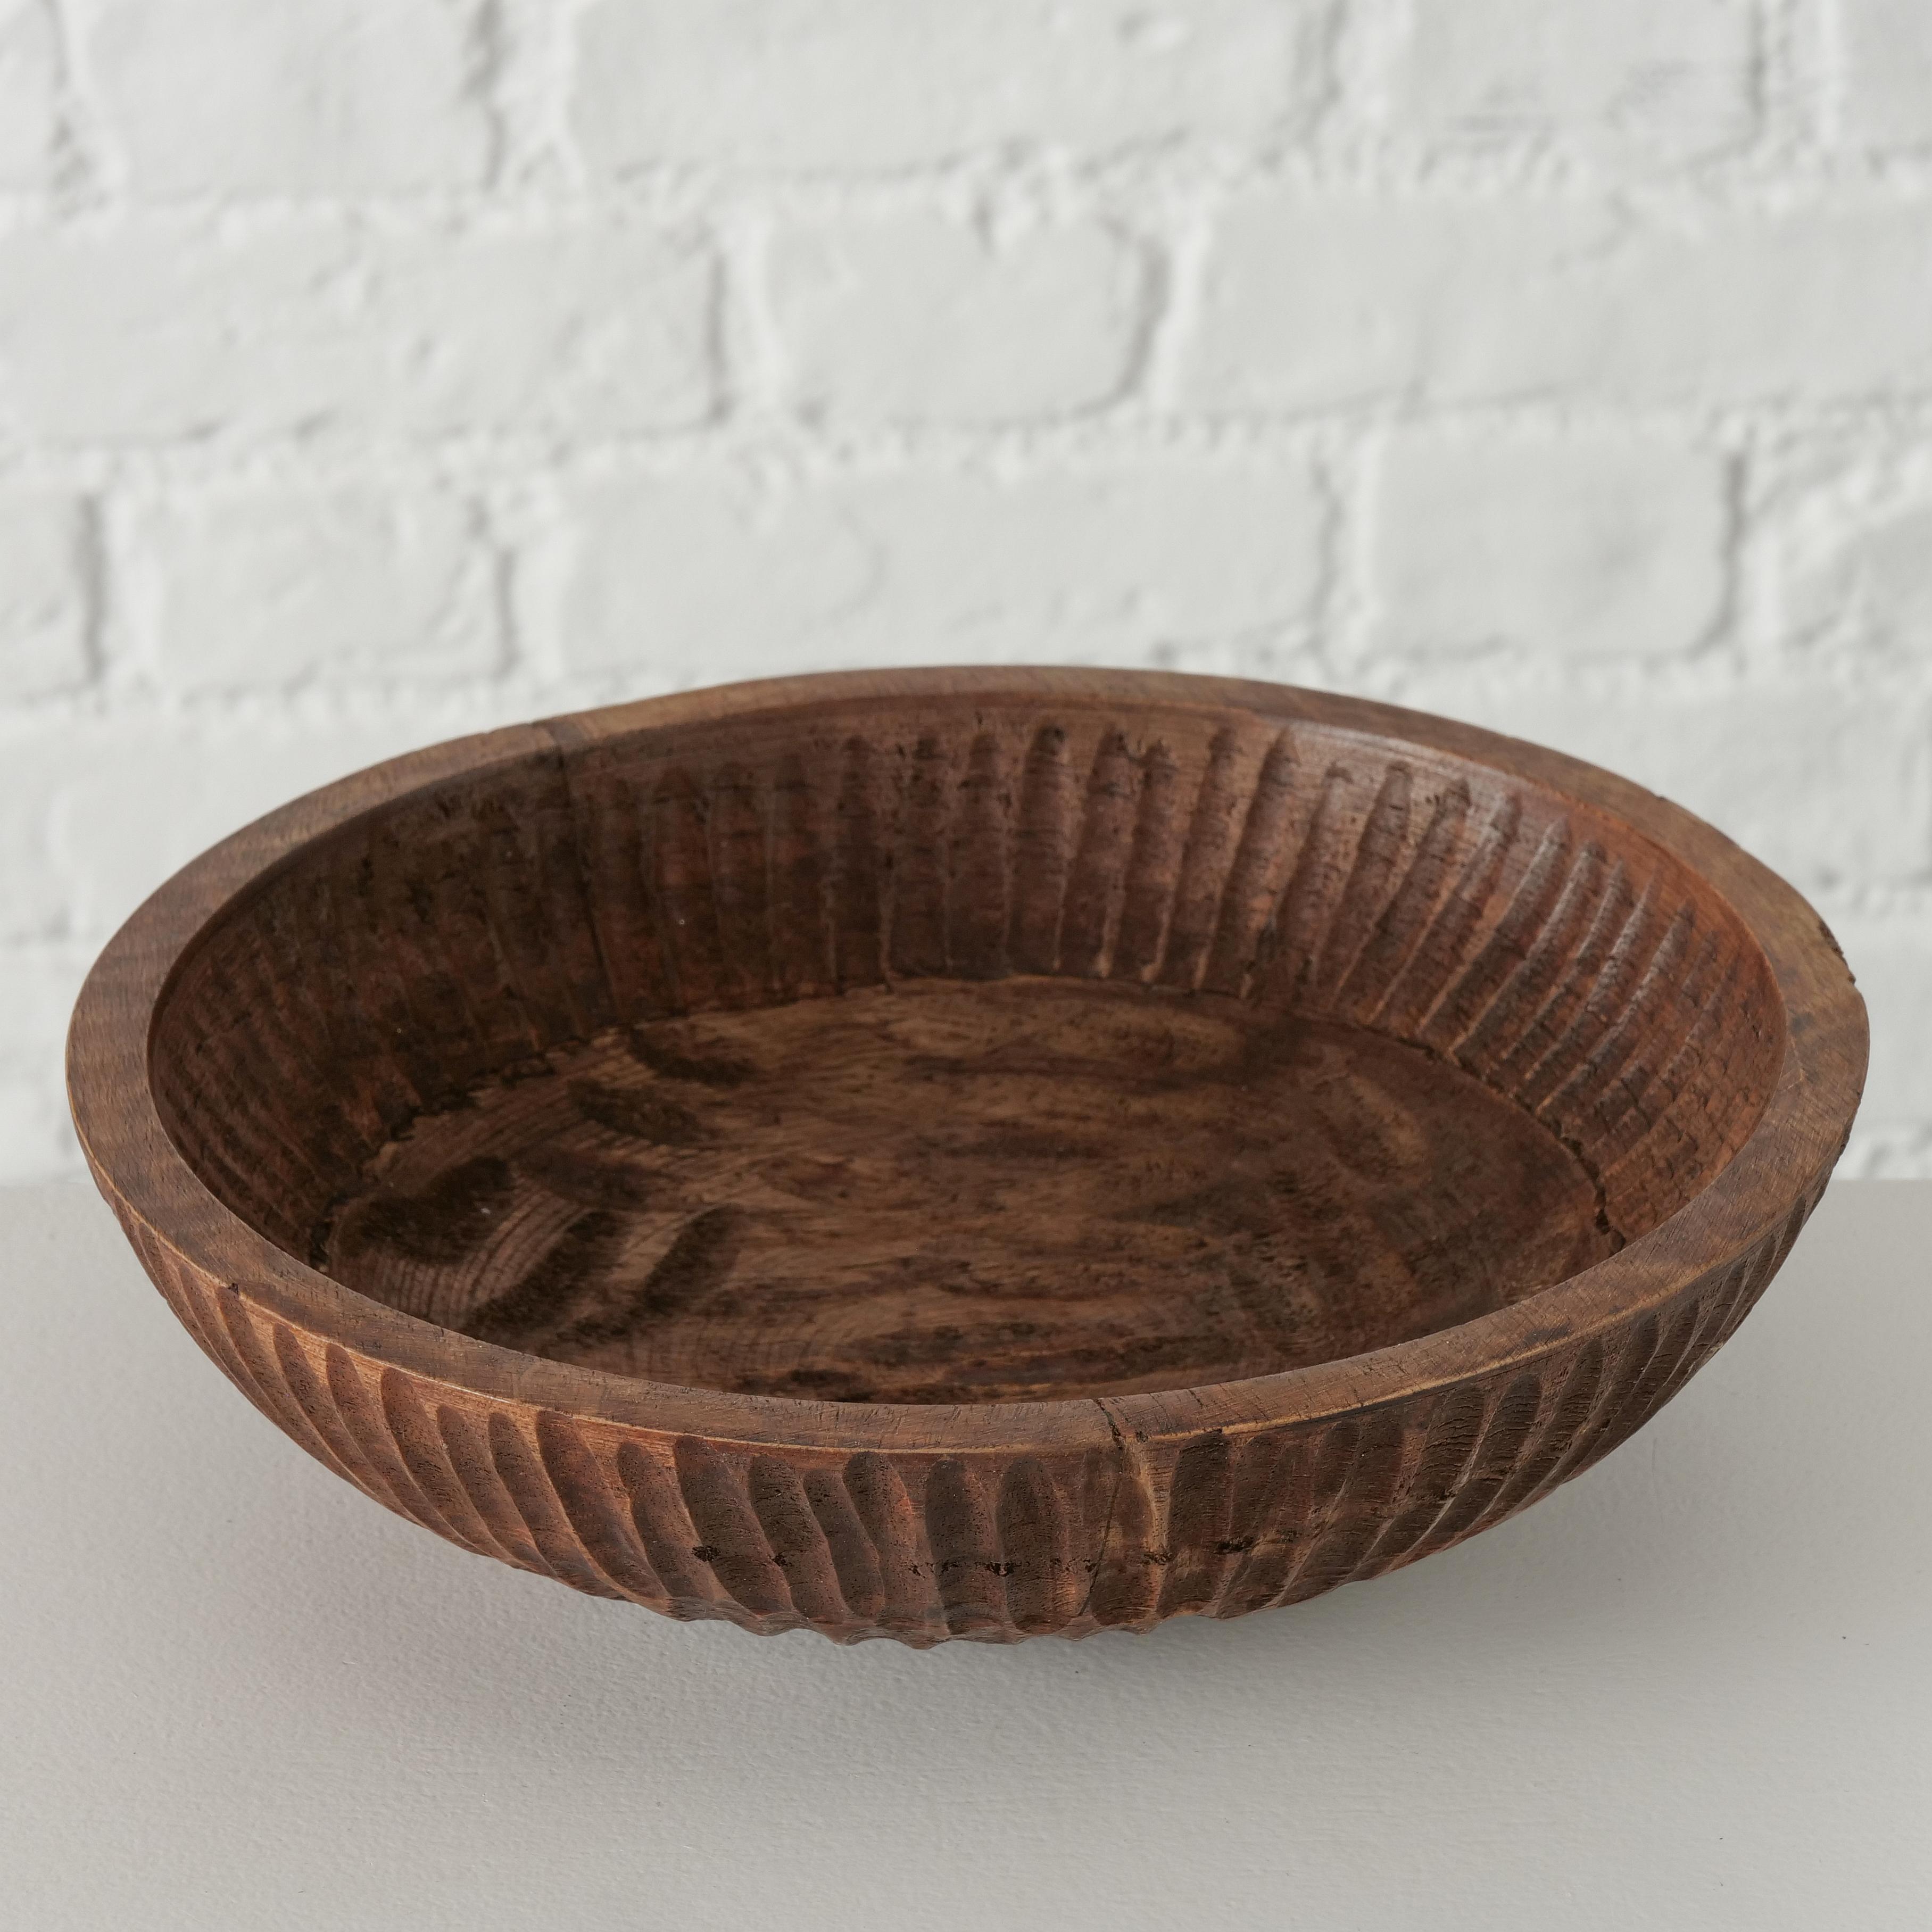 Boltz Dekoratívne misa z dreva mangovníka Troeske 1 ks